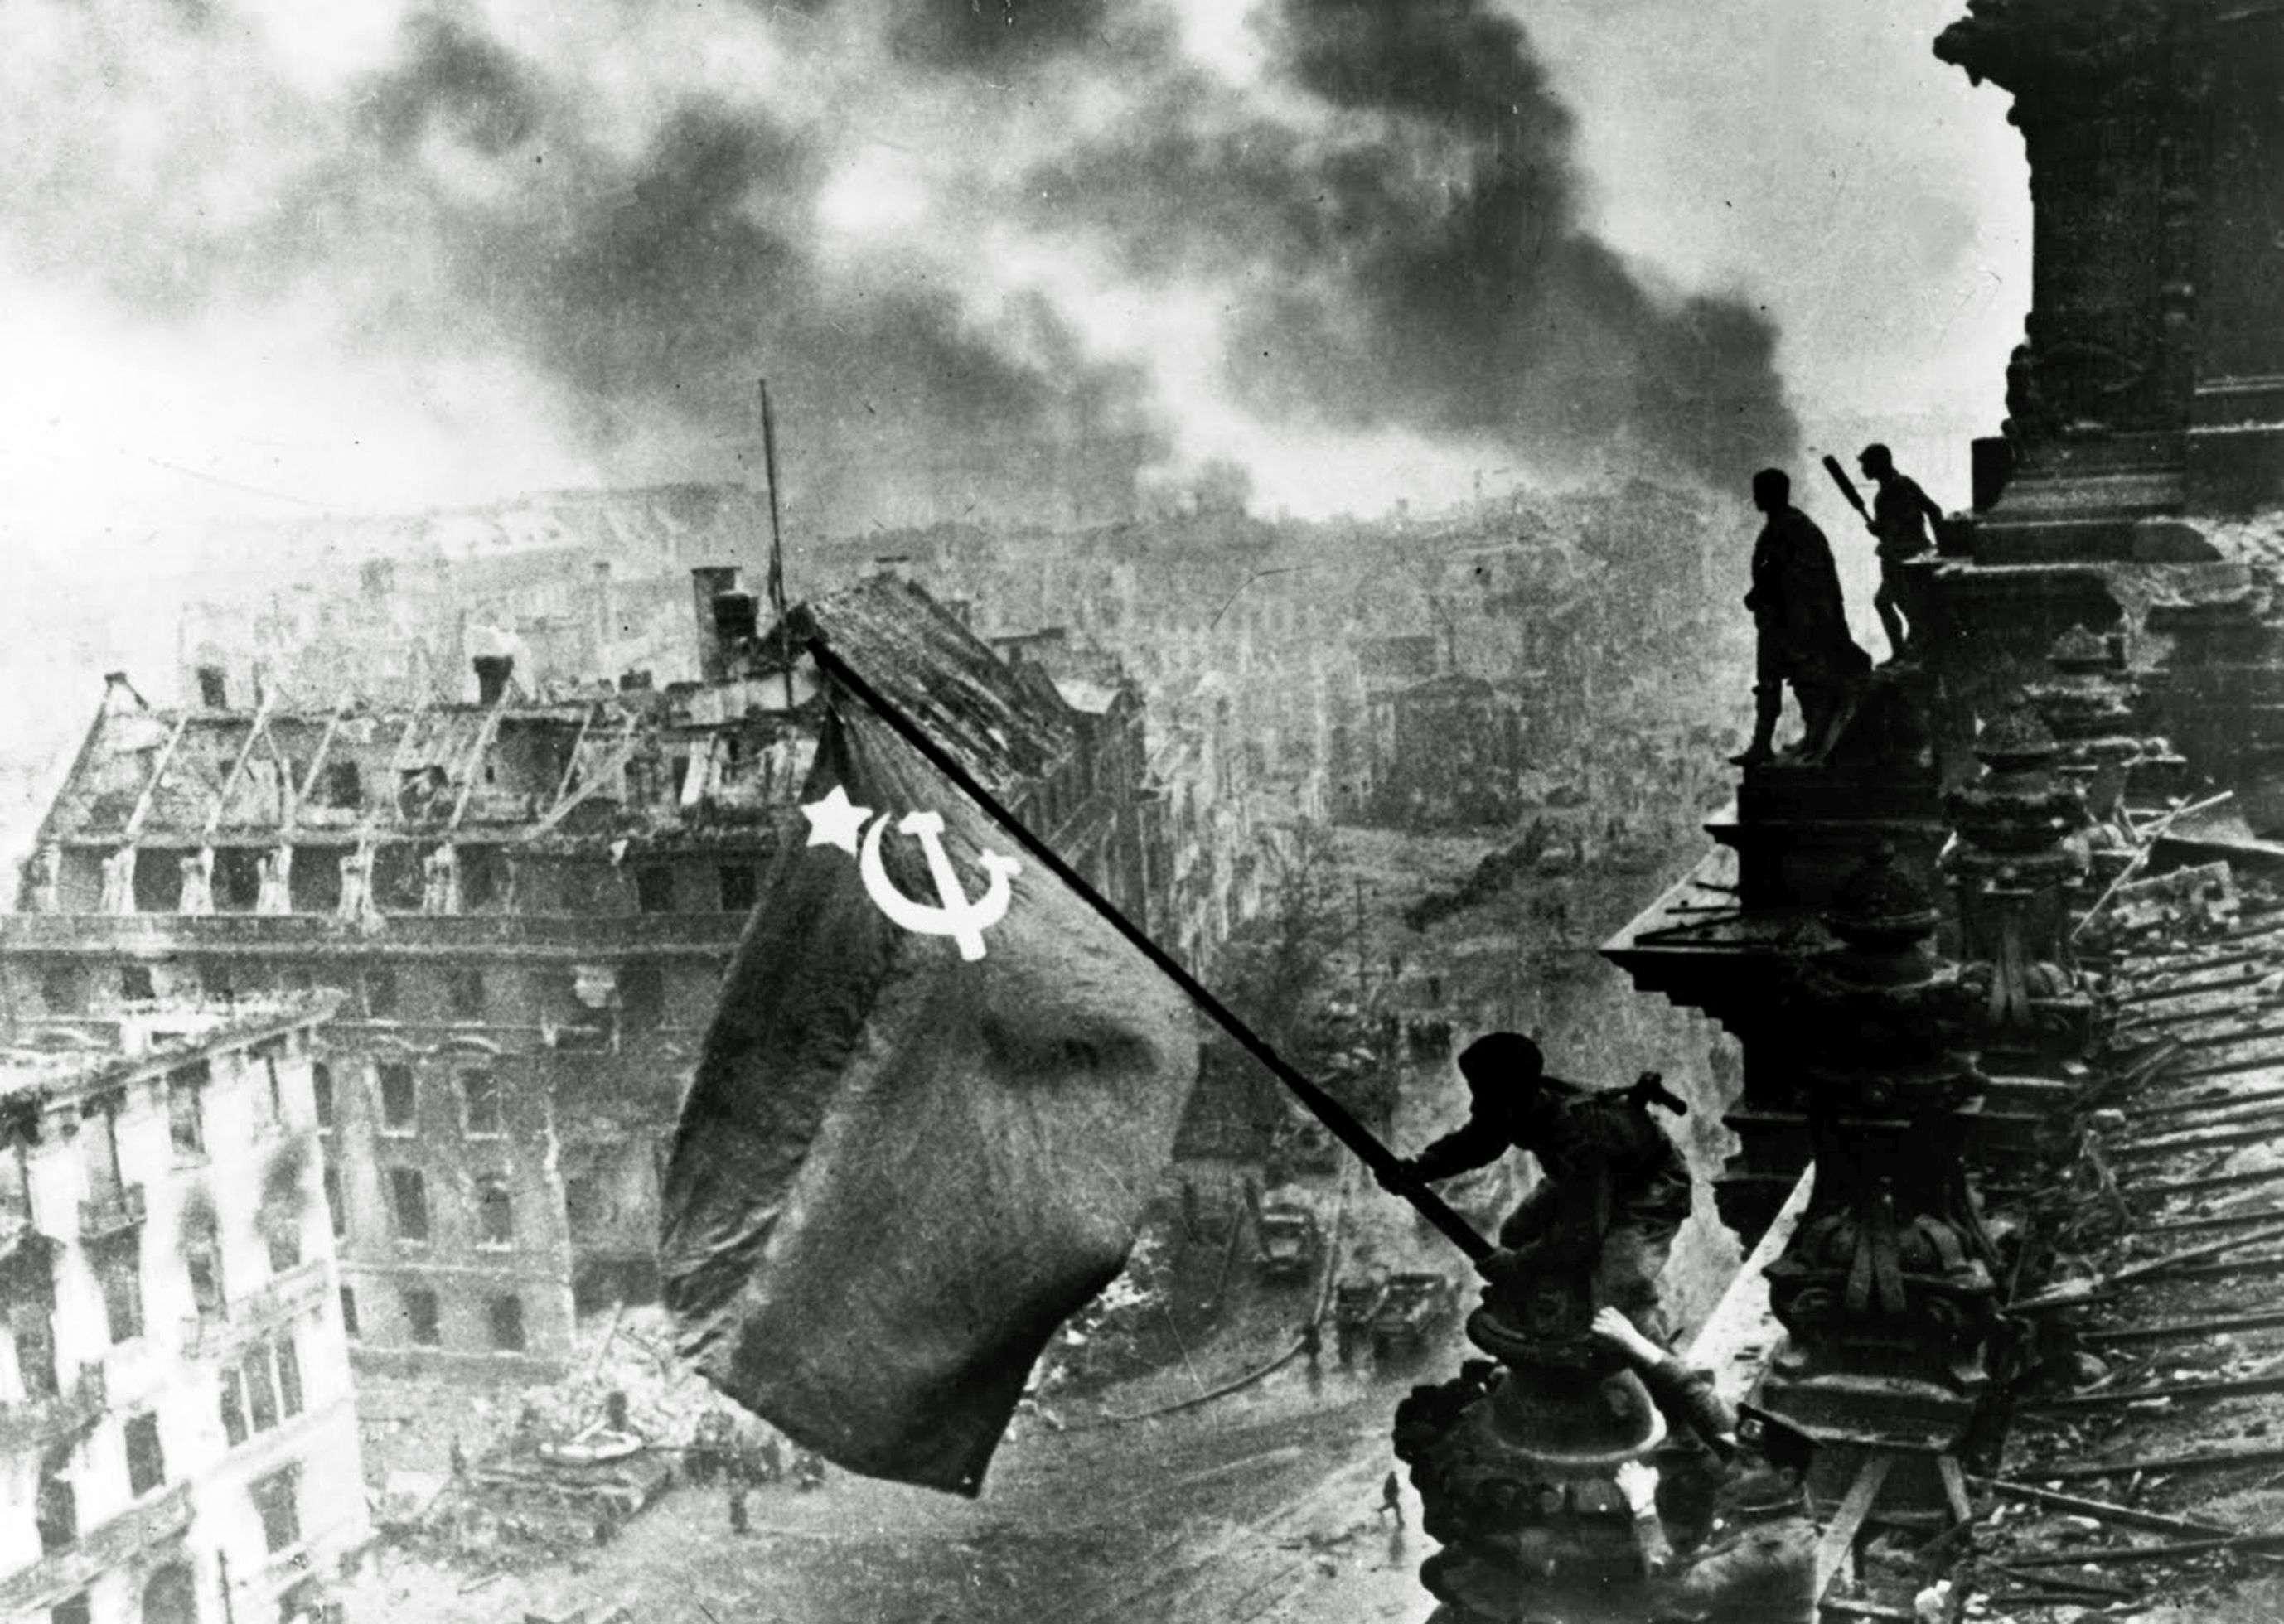 Ήταν ο κομμουνισμός αυταρχική και ολοκληρωτική ιδεολογία;